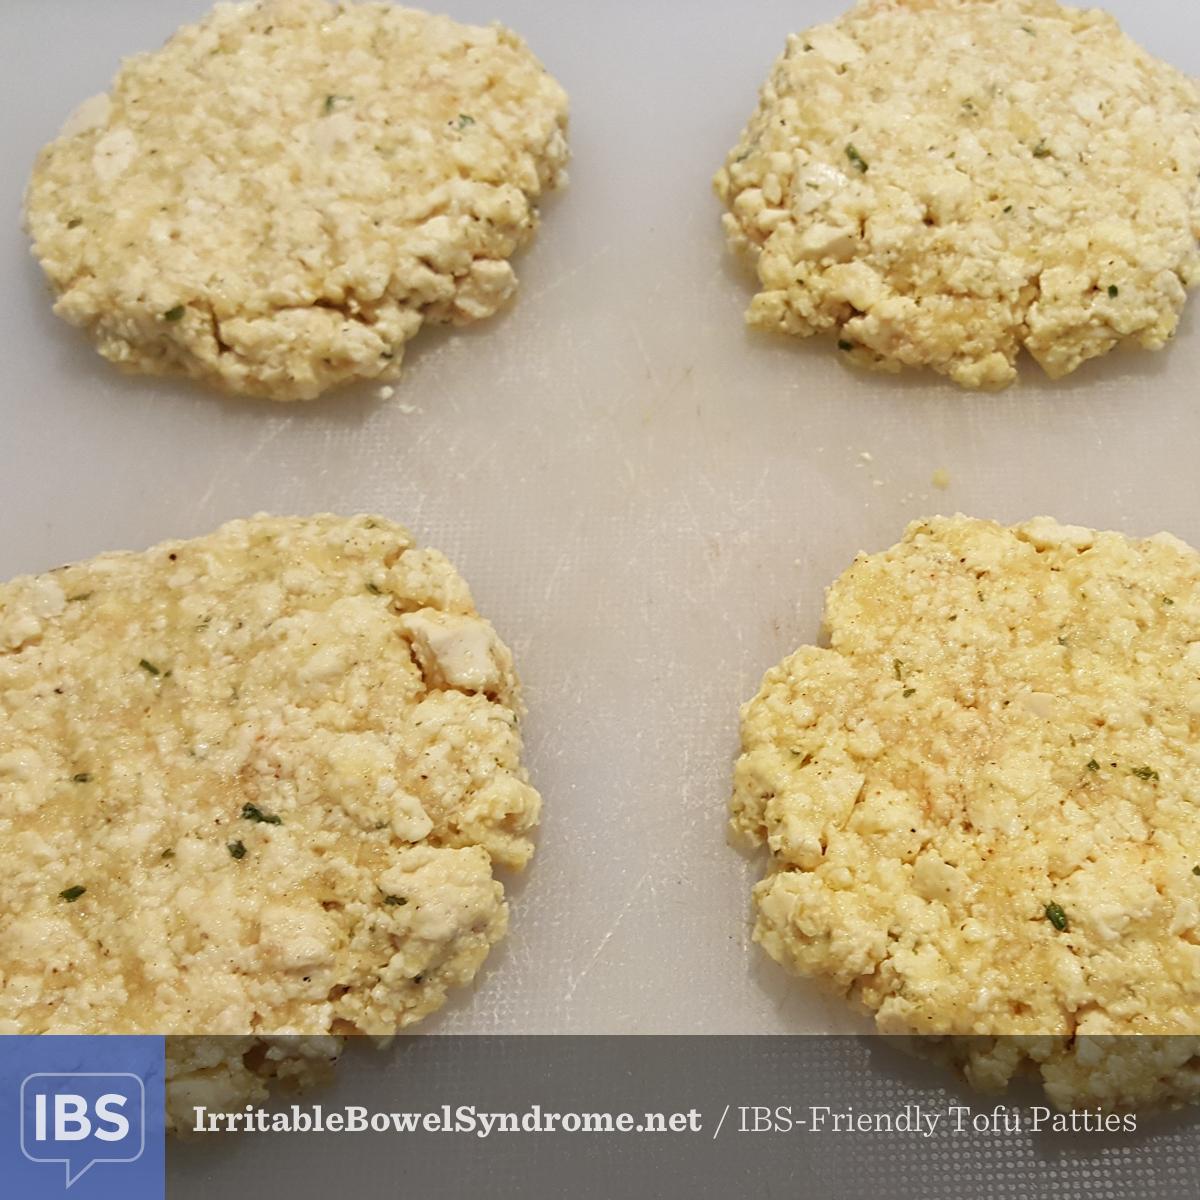 IBS Friendly Tofu Patties